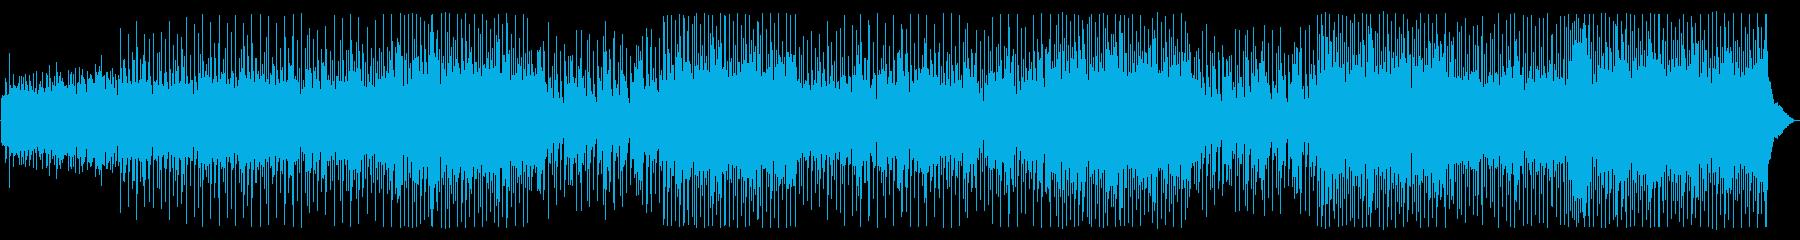 マンドリン、ギター、アコーディオン...の再生済みの波形